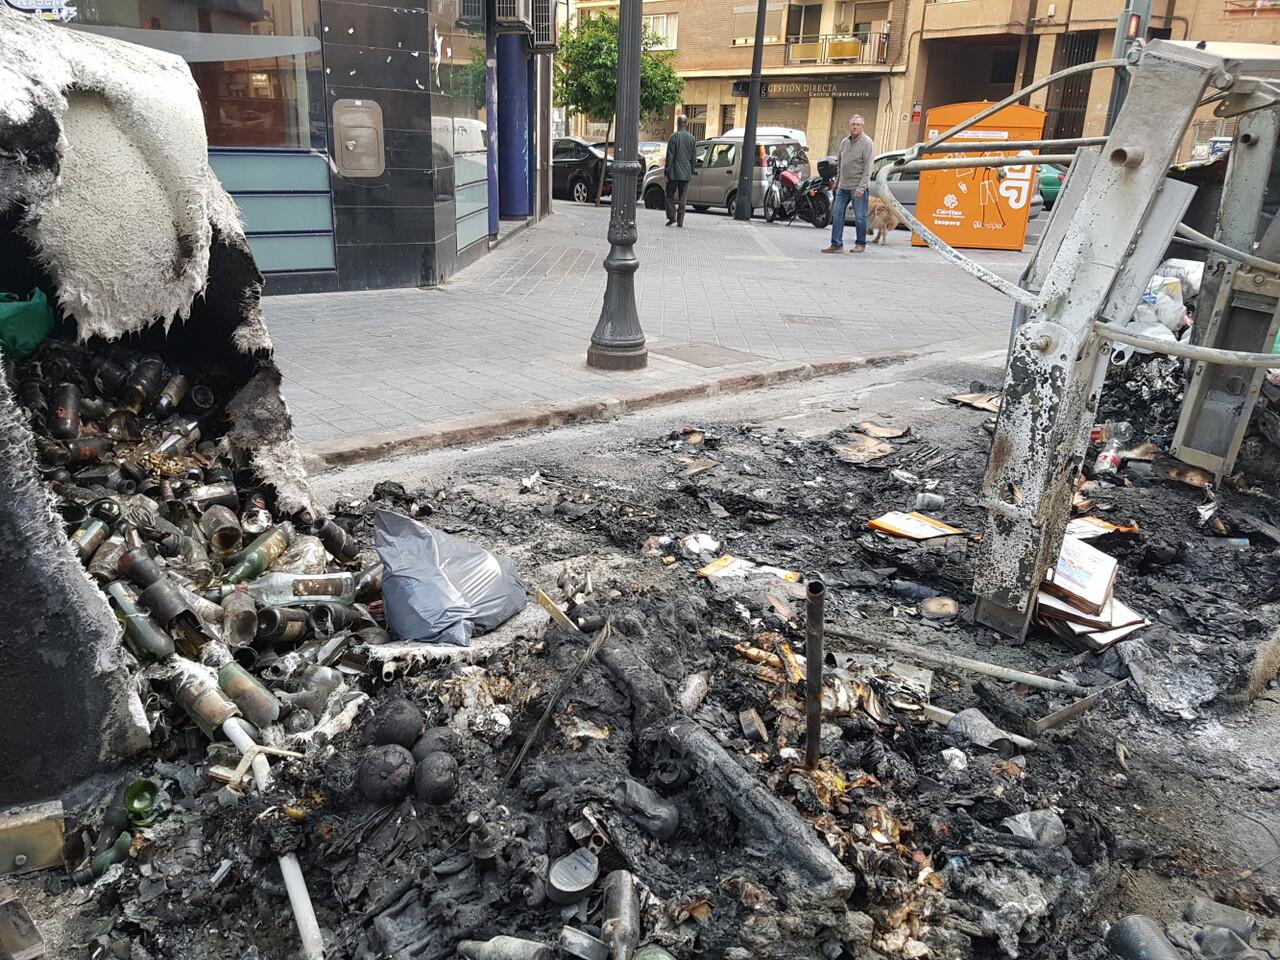 Arden trescontenedores en la calle Visitación de Valencia 20170423_191807 (6)